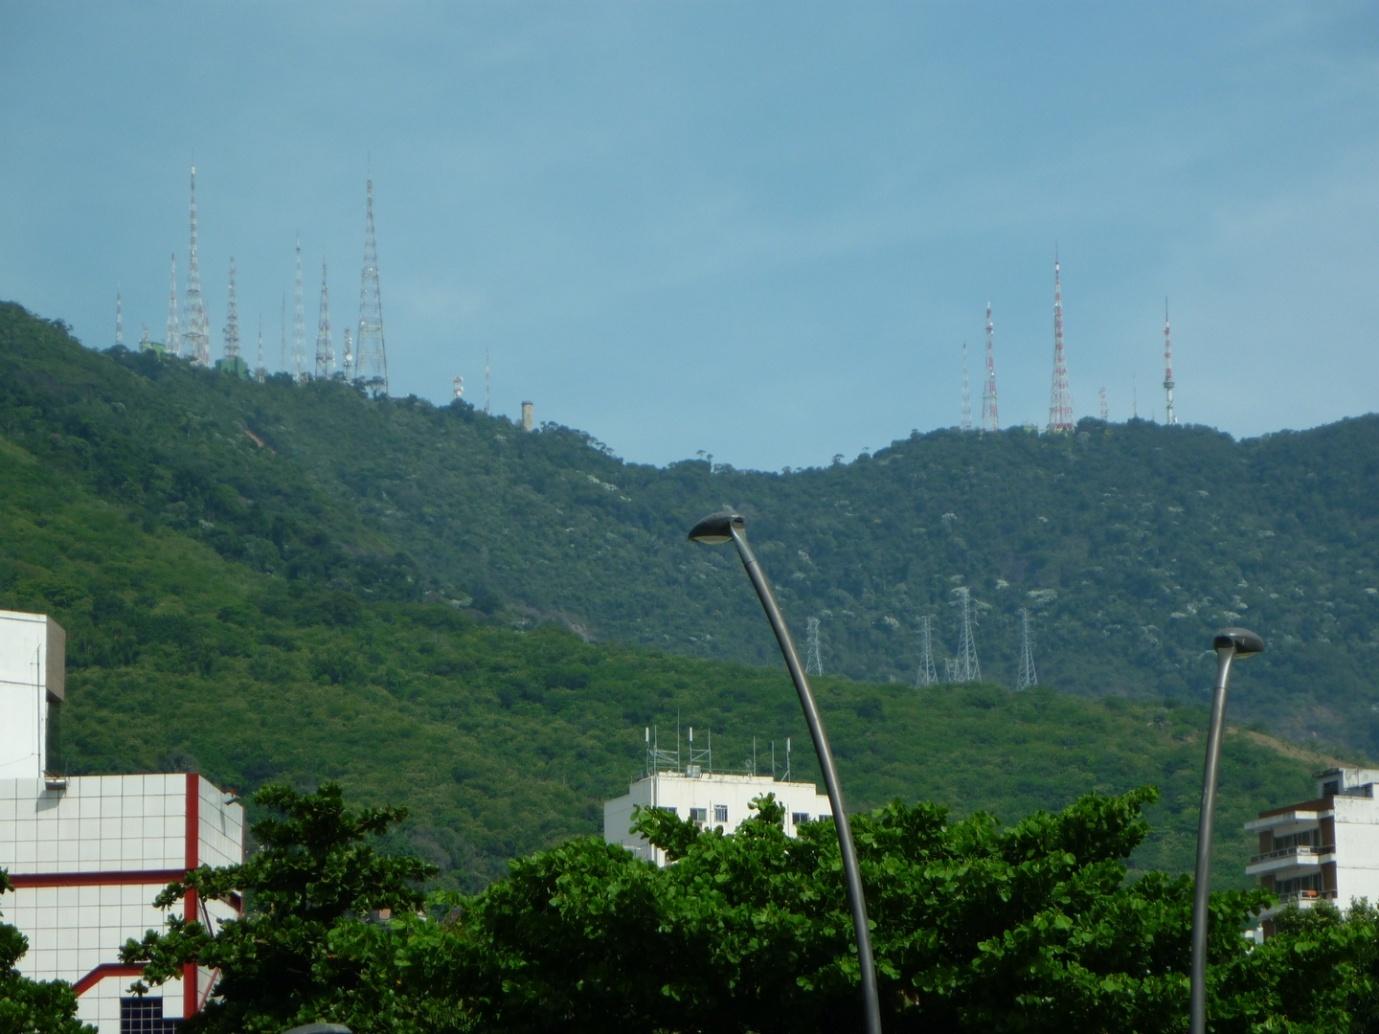 Visão morro do Sumaré, no pátio da Igreja de São Francisco Xavier, situada na rua do mesmo nome. Os pontos brancos no alto de algumas torres correspondem às antenas transmissoras para o sinal digital.